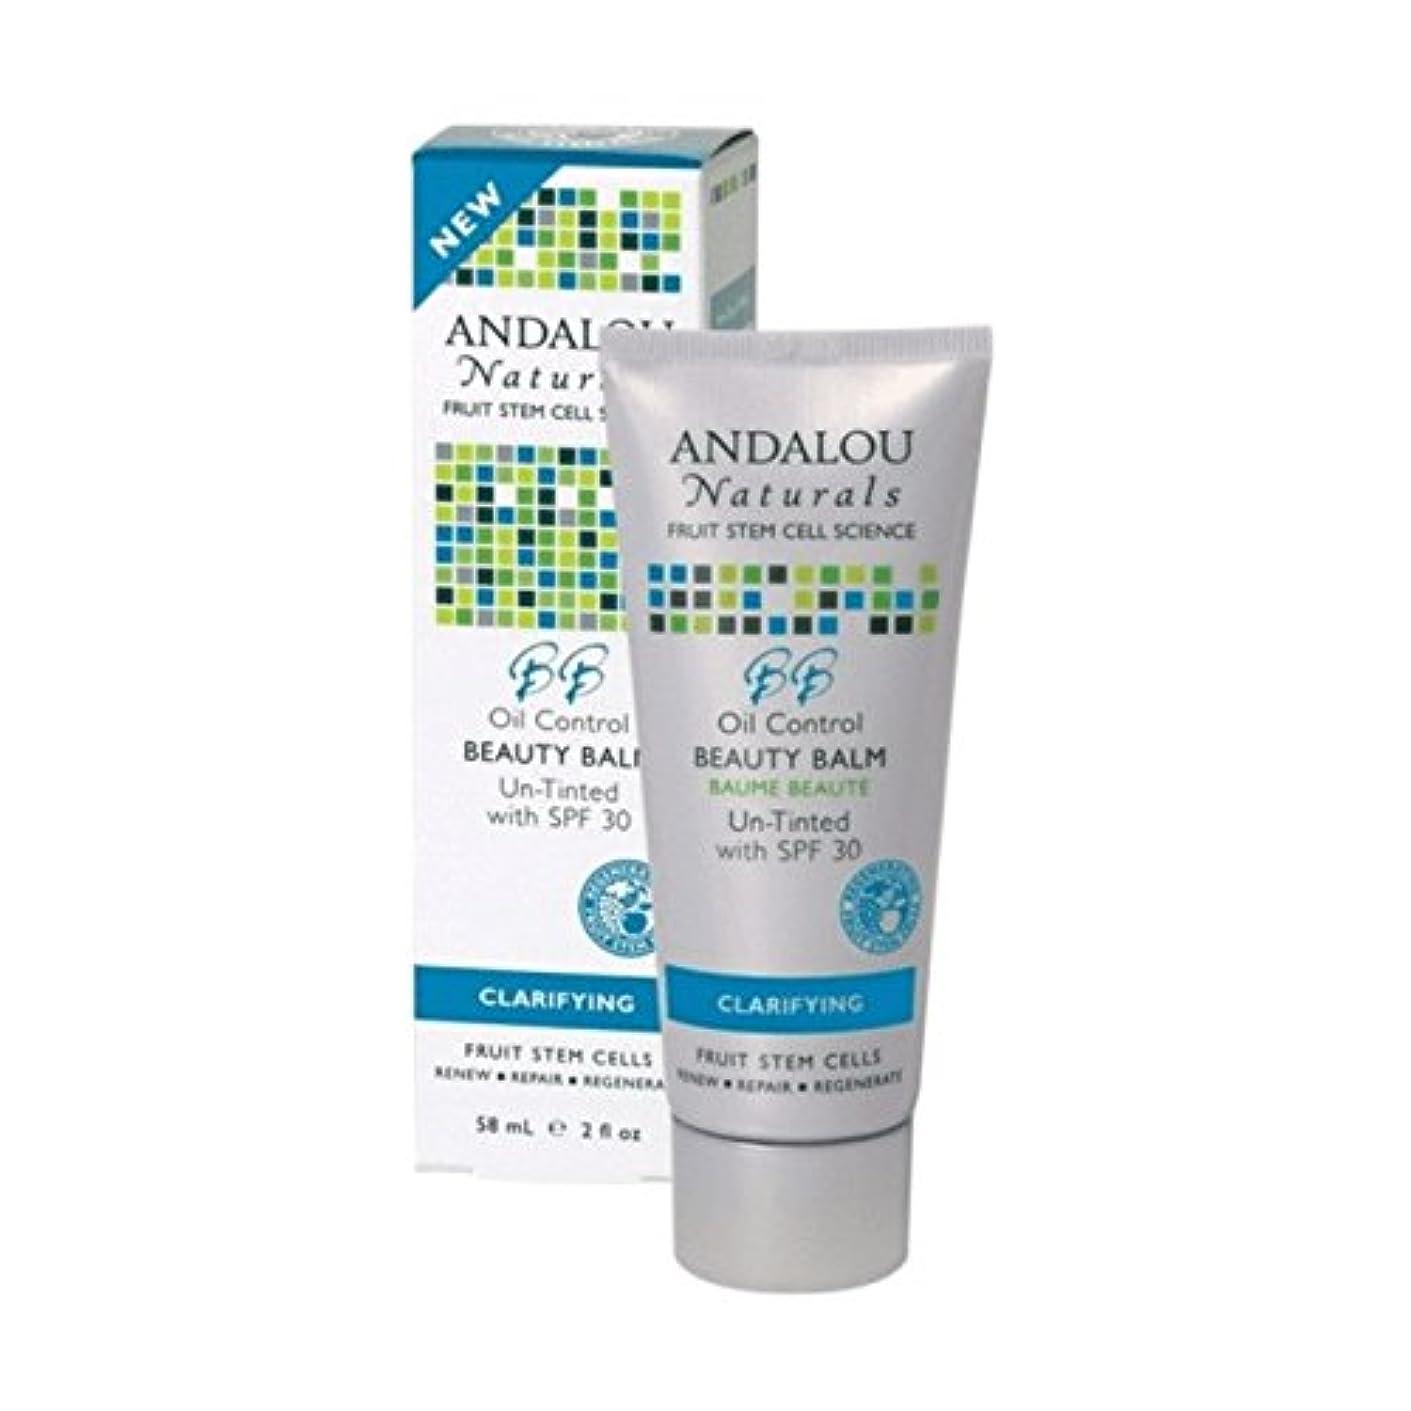 調整支配するルーフAndalou Oil Control Beauty Balm Un-Tinted SPF 30 58ml (Pack of 2) - アンダロウオイルコントロール美容バーム未着色Spf 30 58ミリリットル (x2) [並行輸入品]